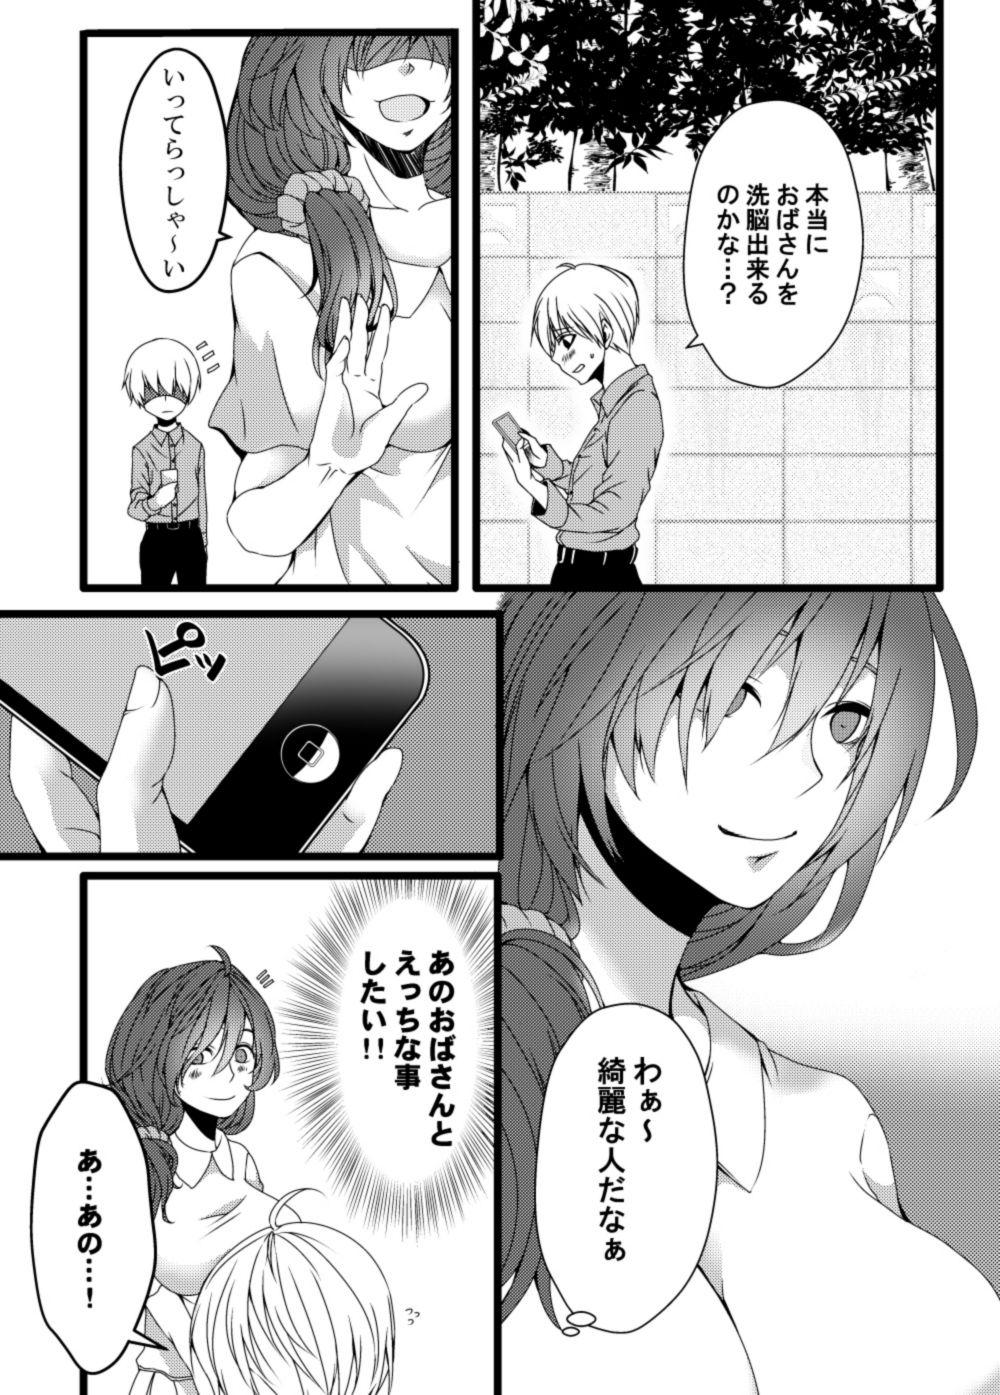 おばさん洗脳アプリ〜少年の欲望編〜